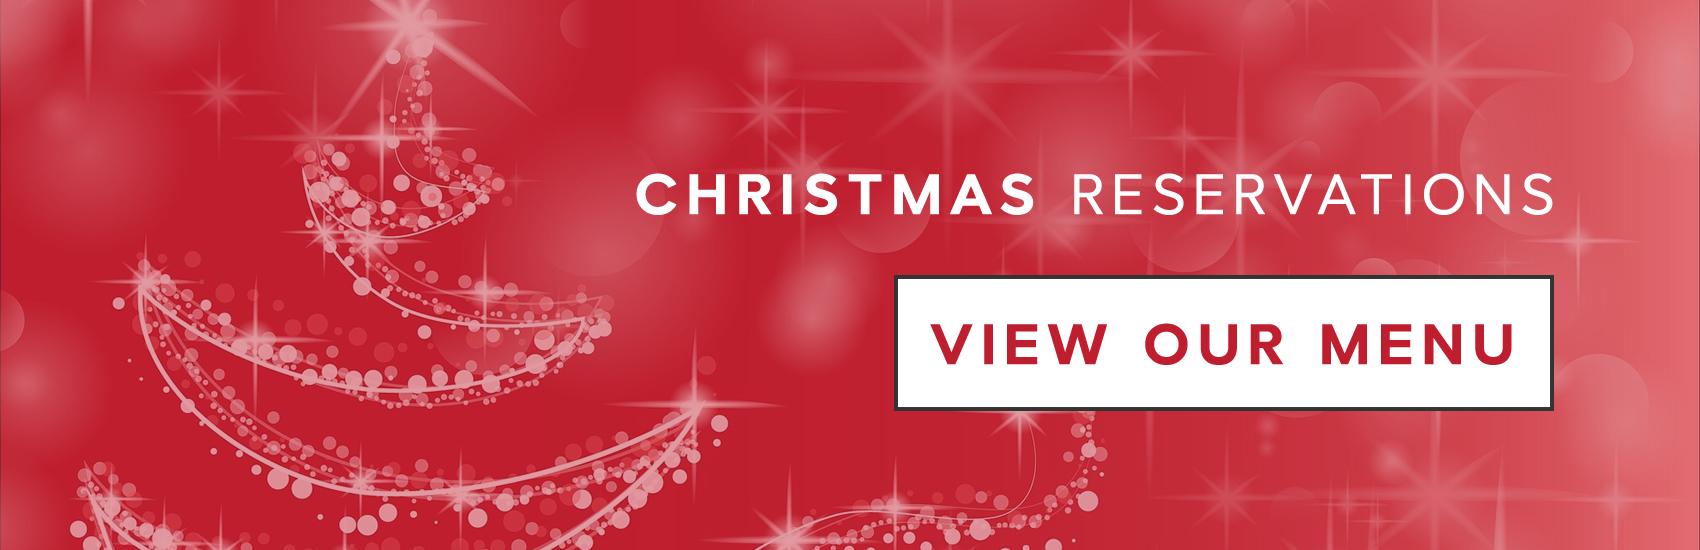 2018 Christmas Menu